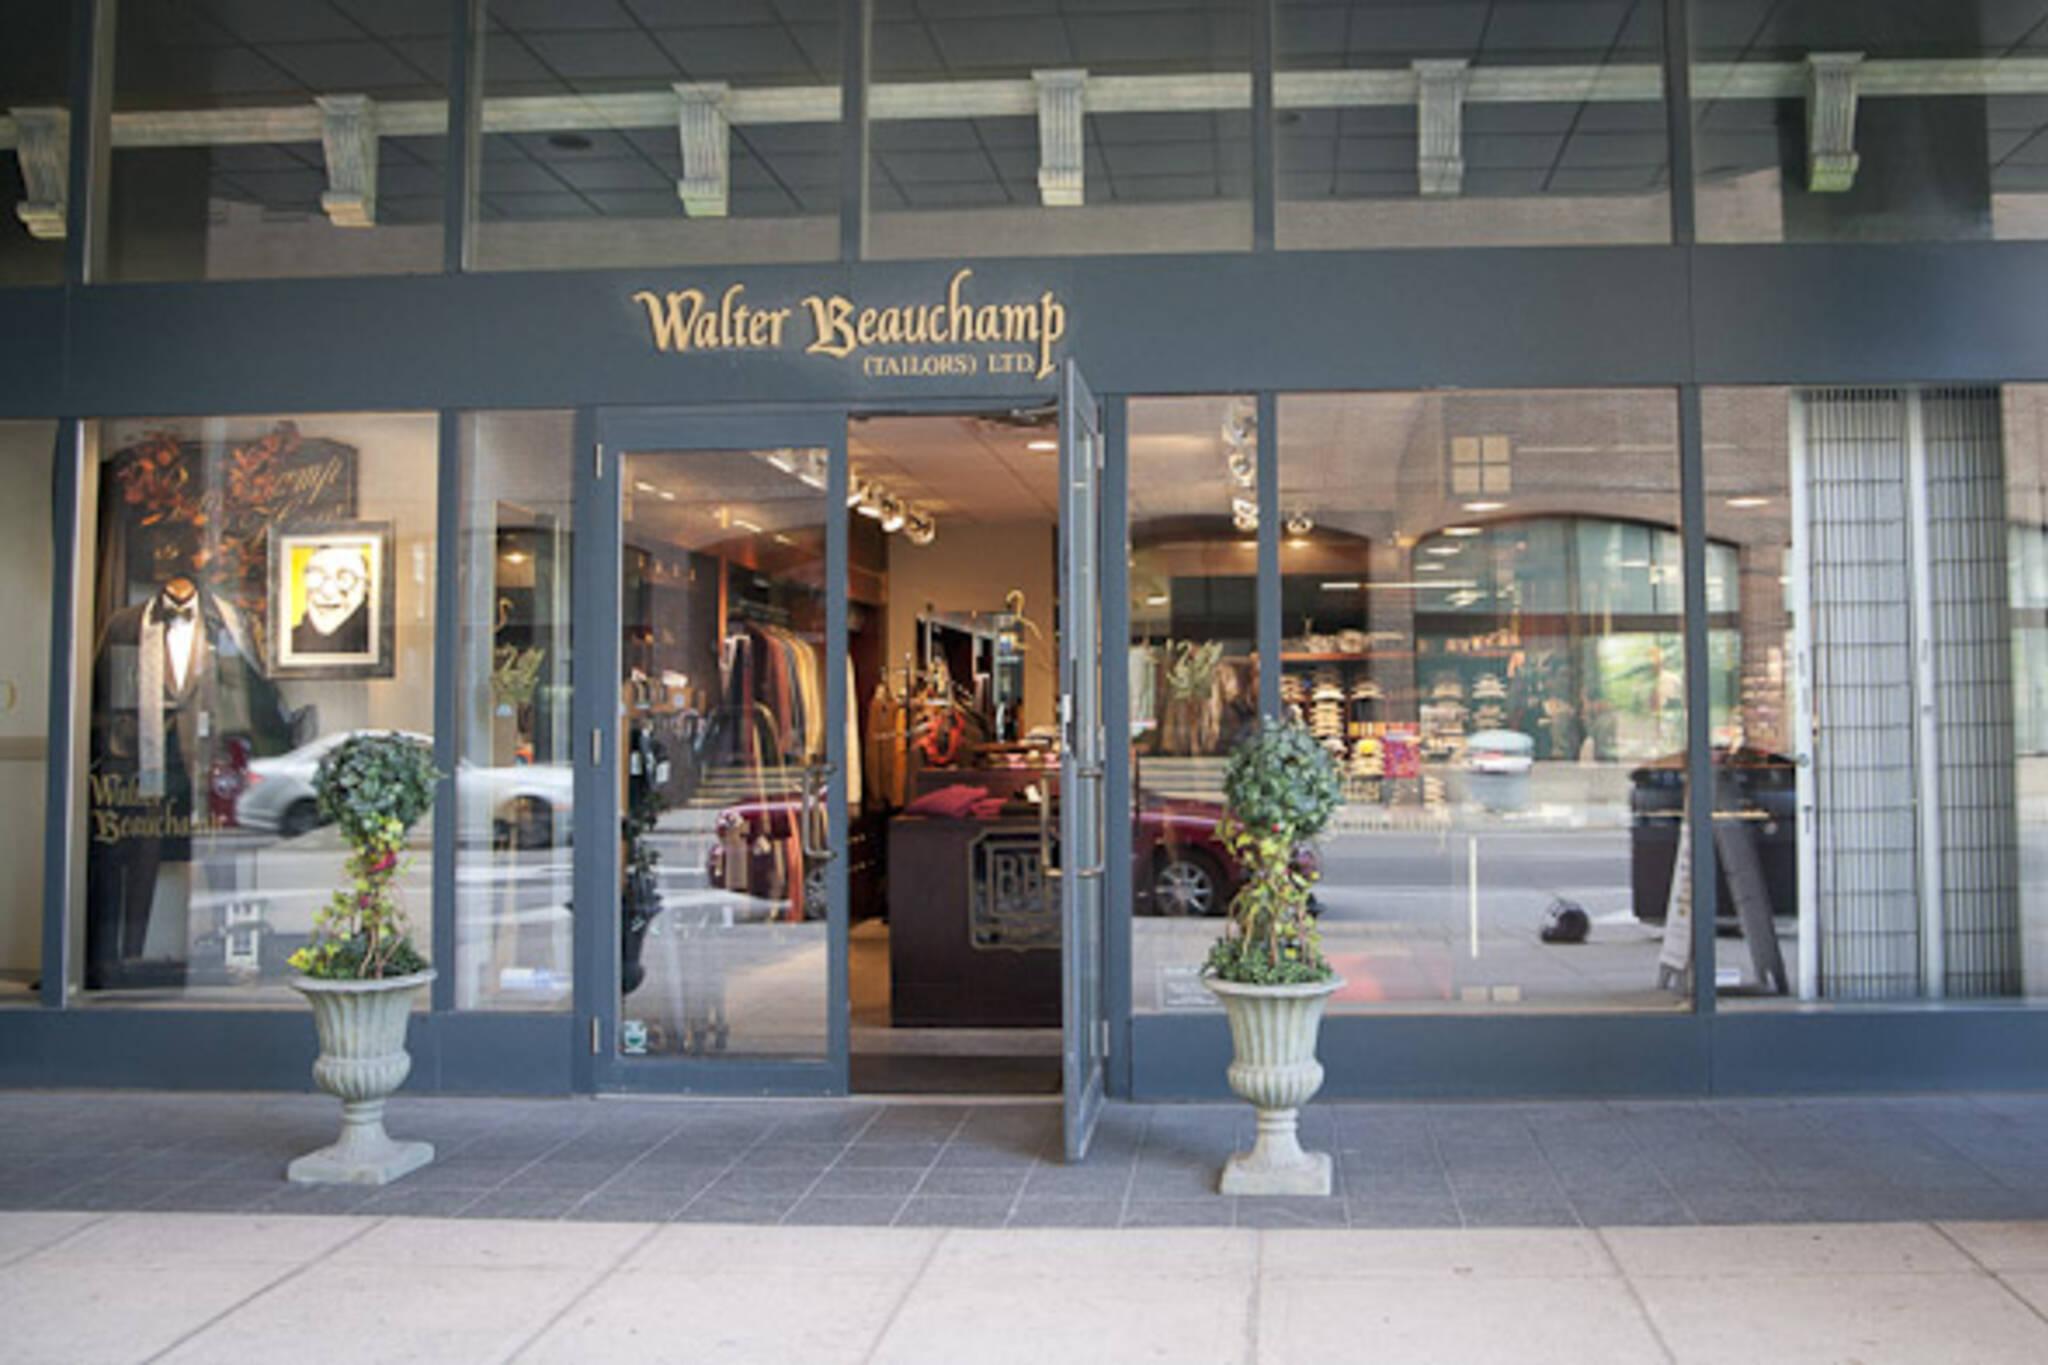 Walter Beauchamp Tailors